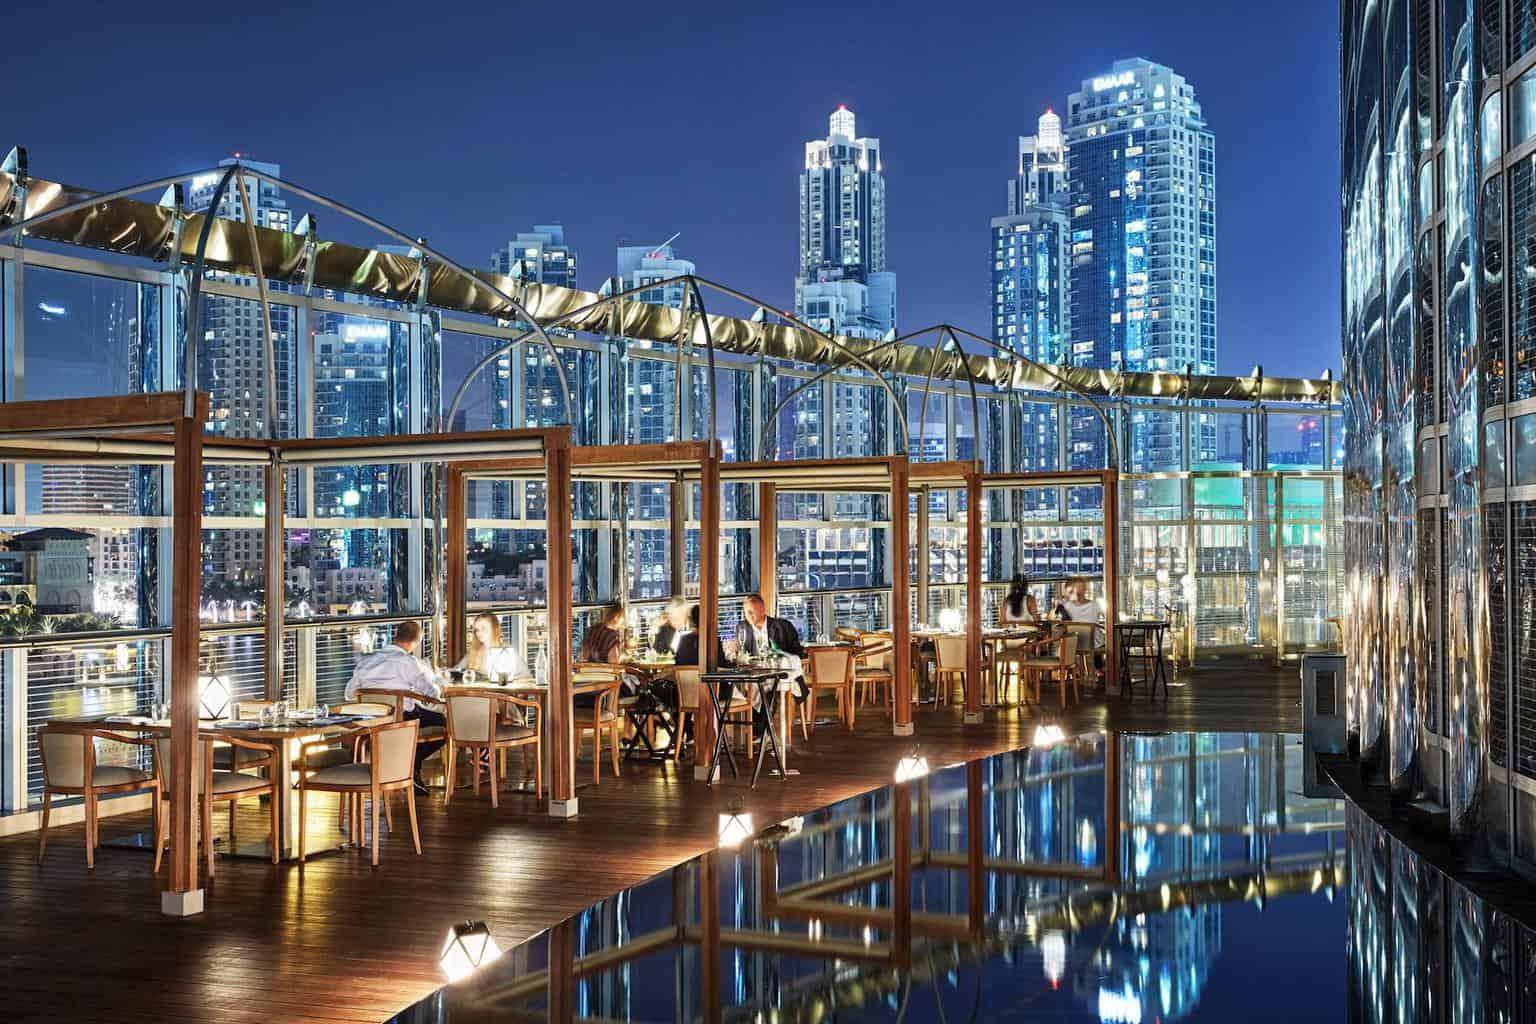 Armani hotel - pohled z restaurační terasy